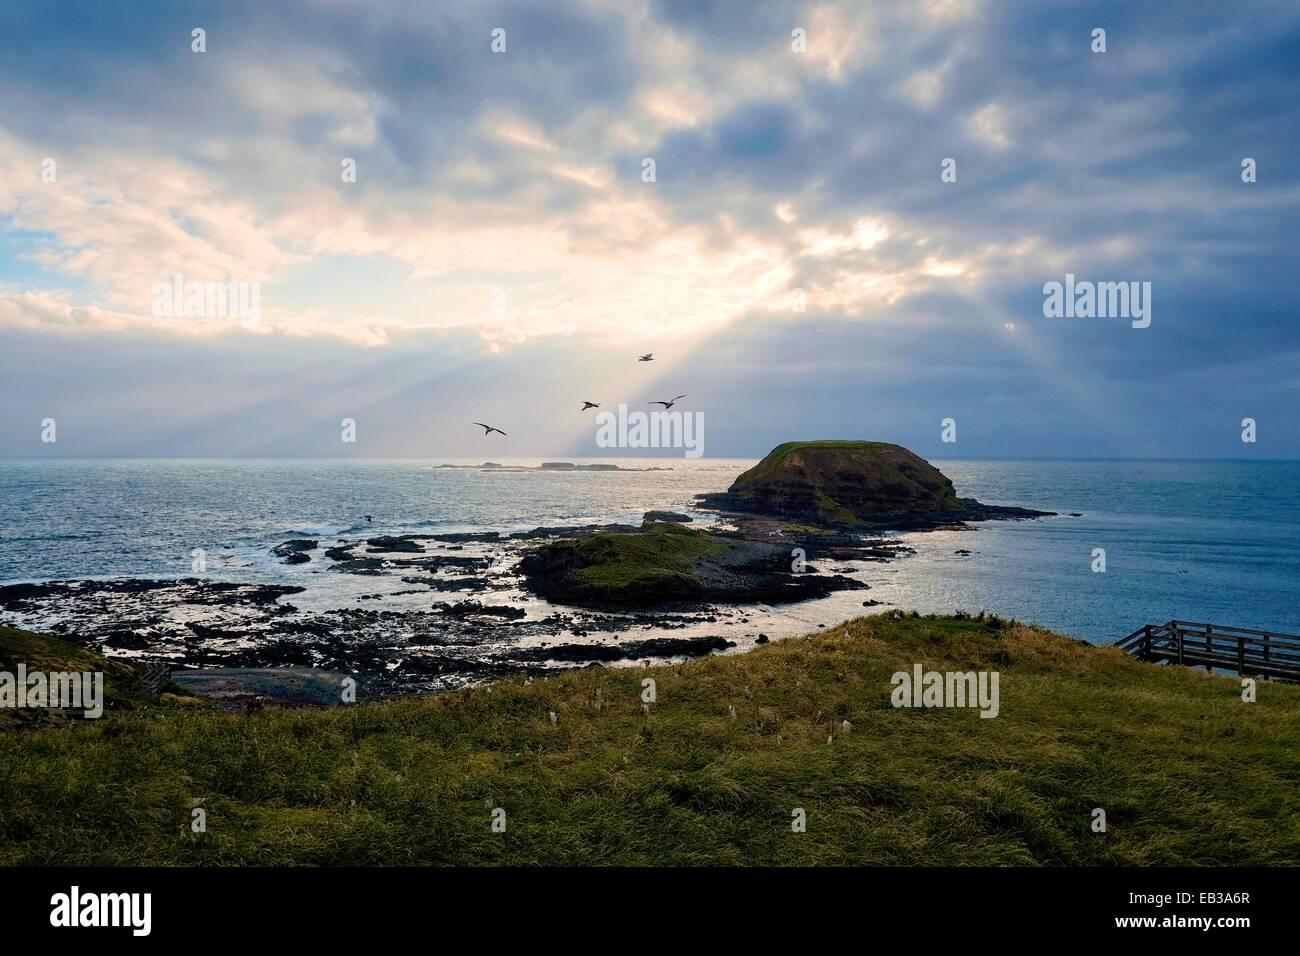 Australien, Phillip Island Nature Park, felsige Untiefen von grasbewachsenen Ufer gesehen Stockbild